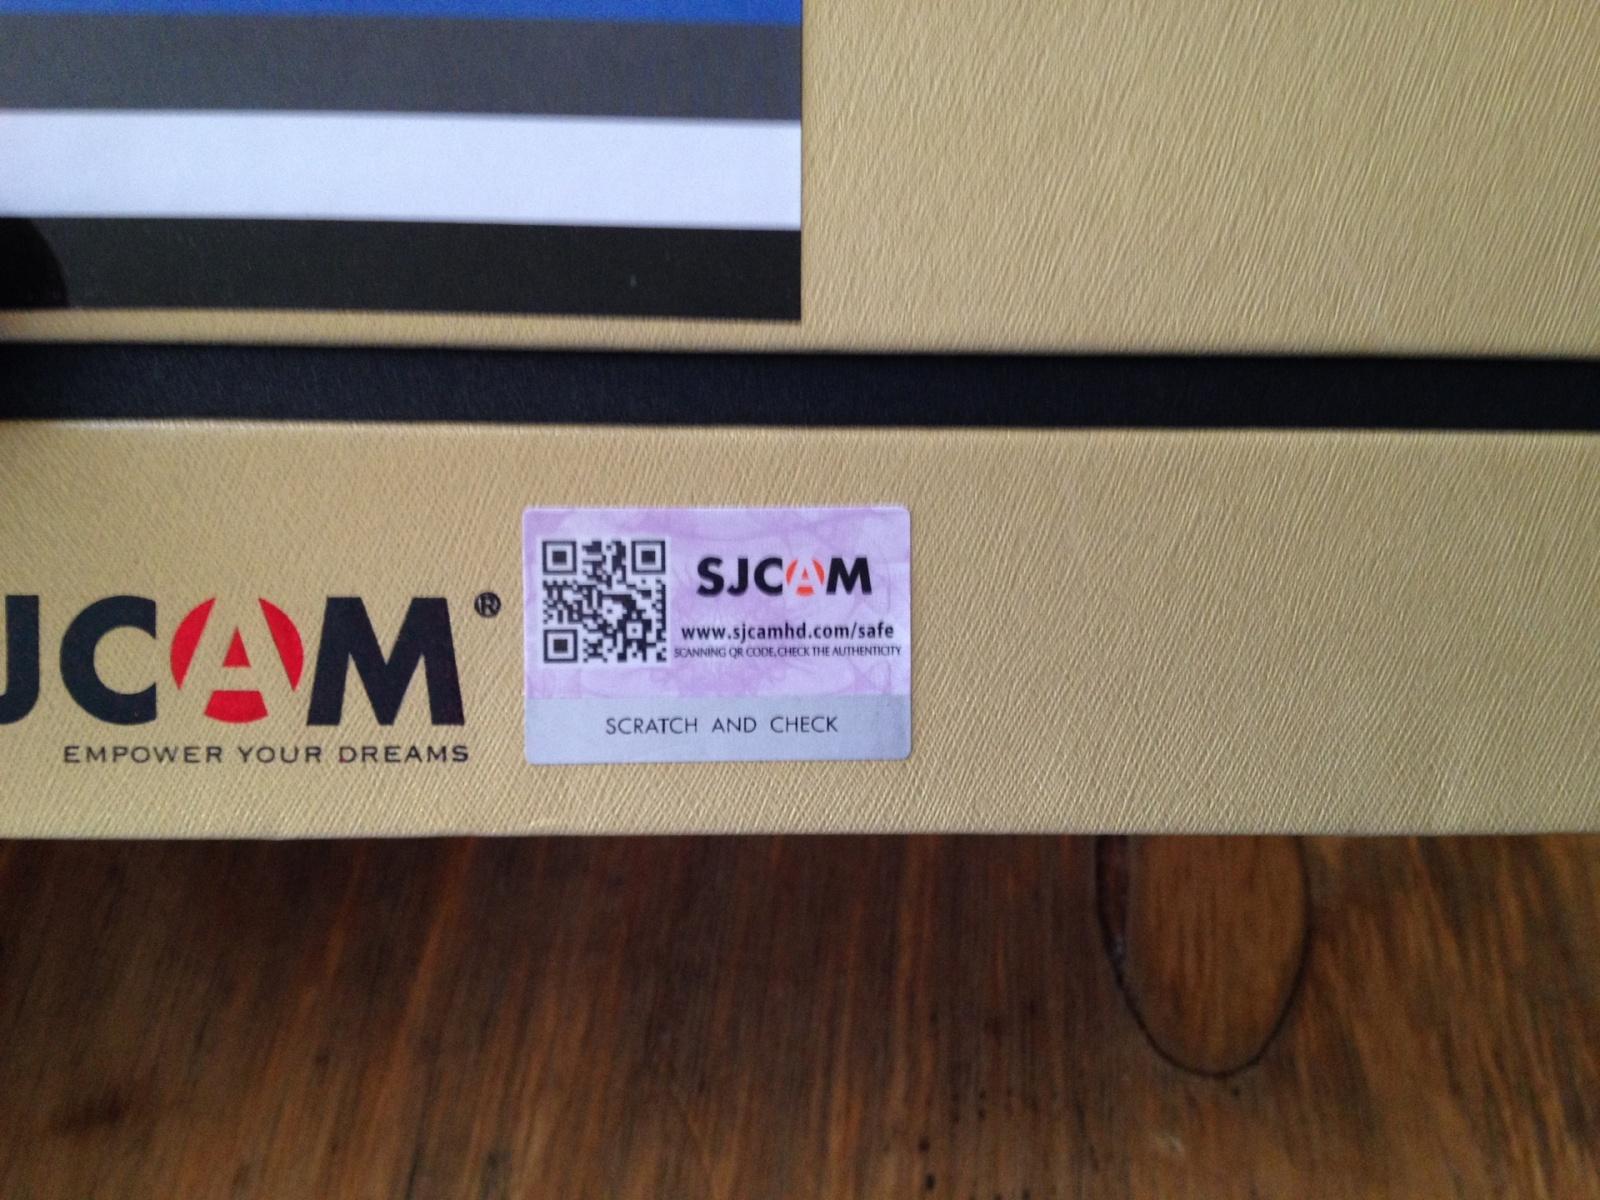 Обзор китайской action-камеры SJCAM M10+ - 4